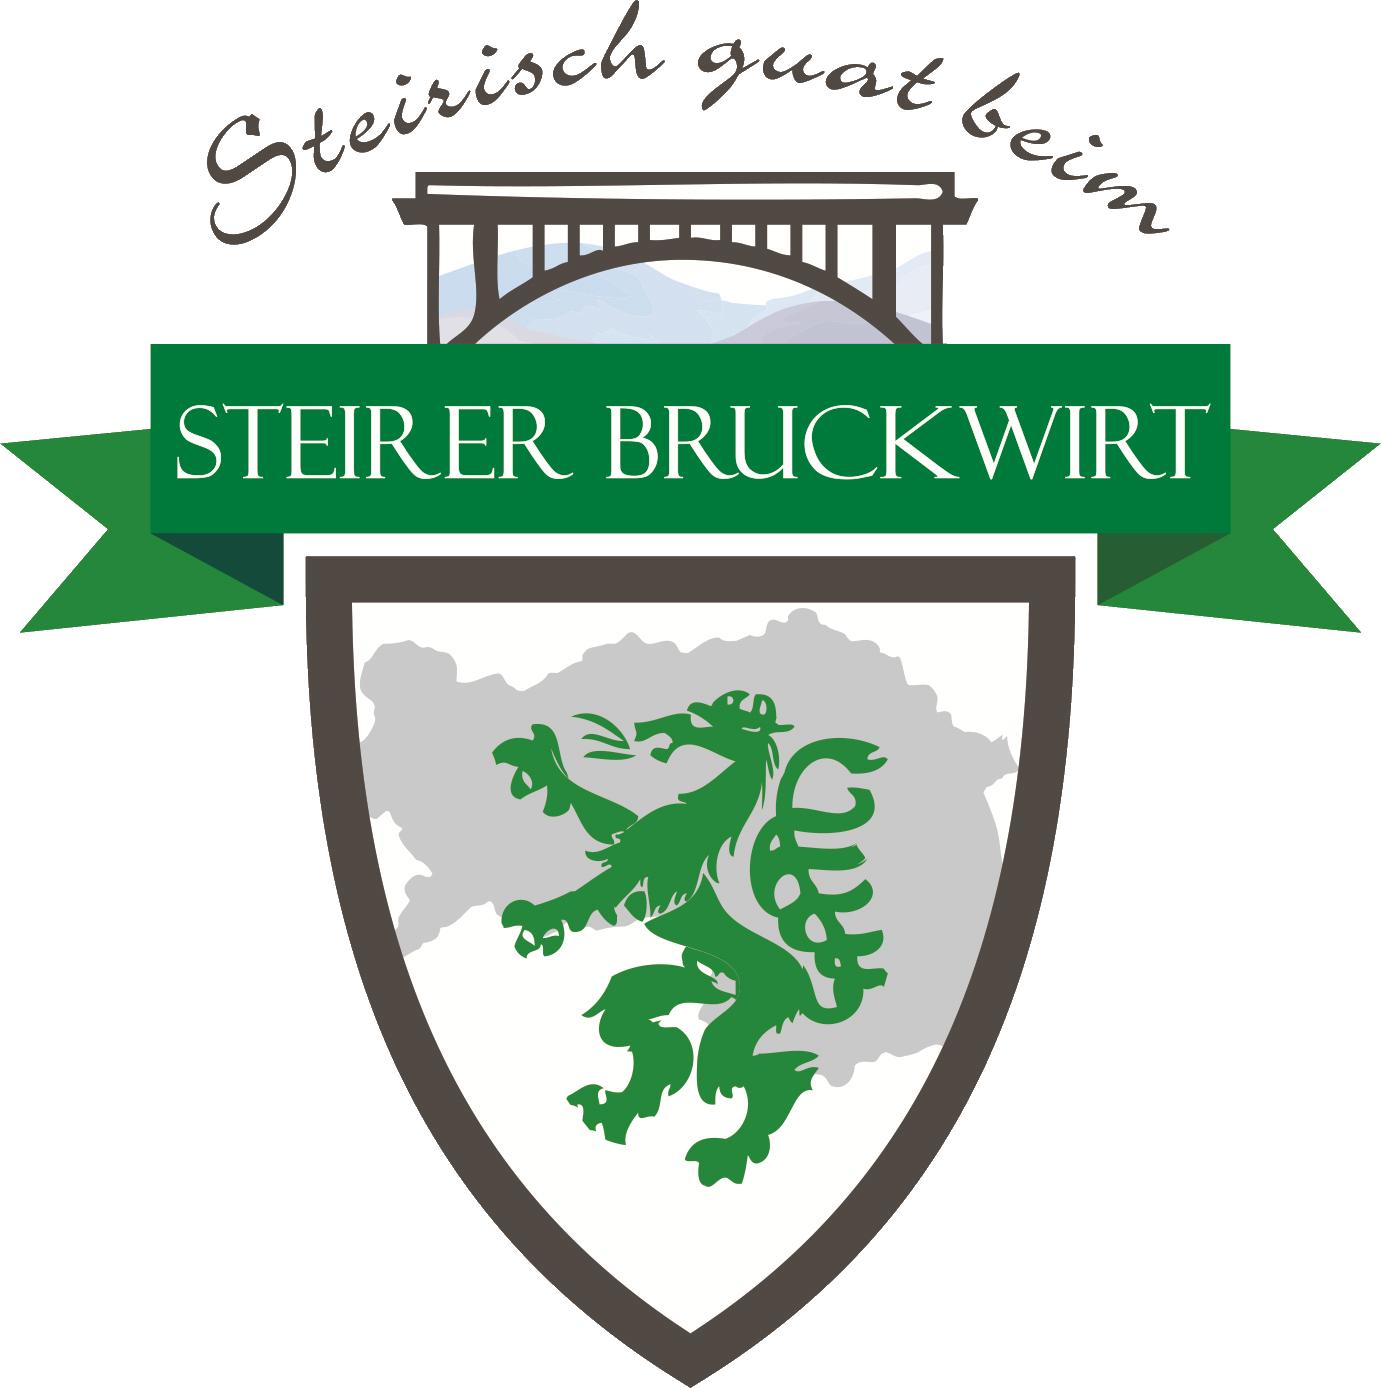 Beim Steirer Bruckwirt